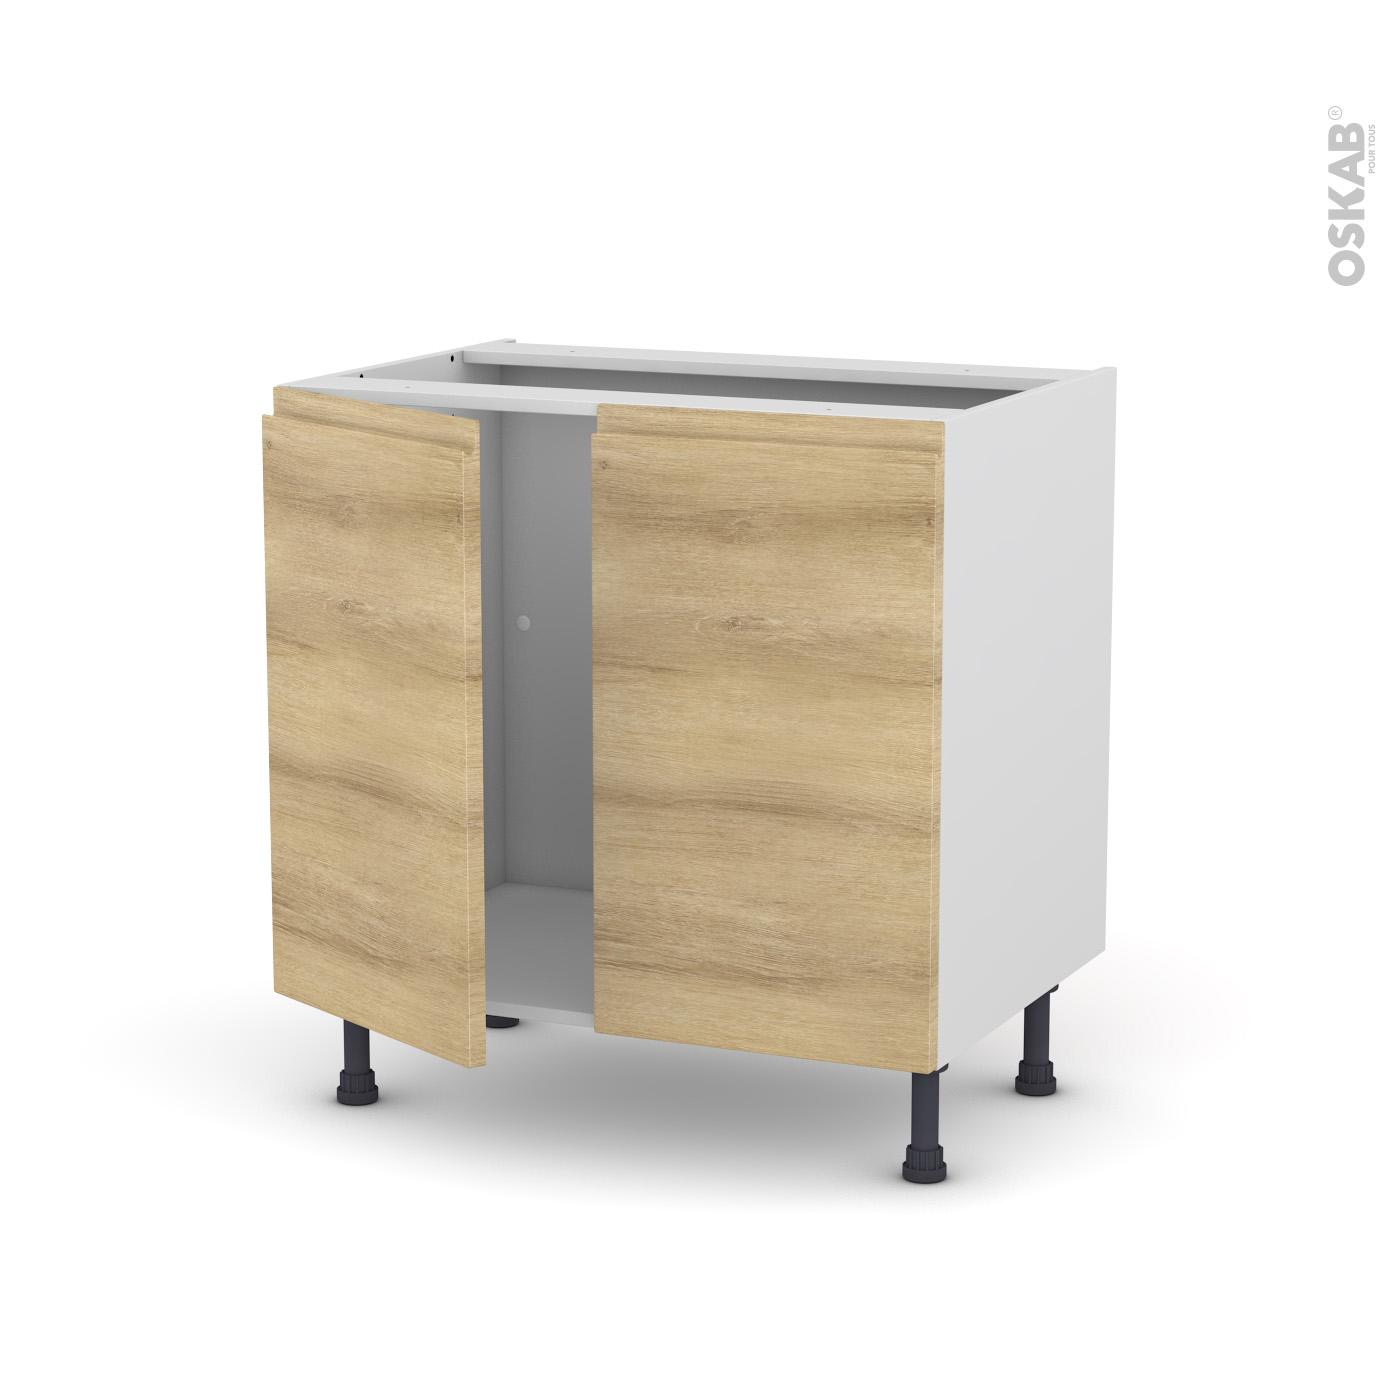 Meuble Sous Evier Ancien meuble de cuisine sous évier ipoma chêne naturel, 2 portes, l80 x h70 x p58  cm